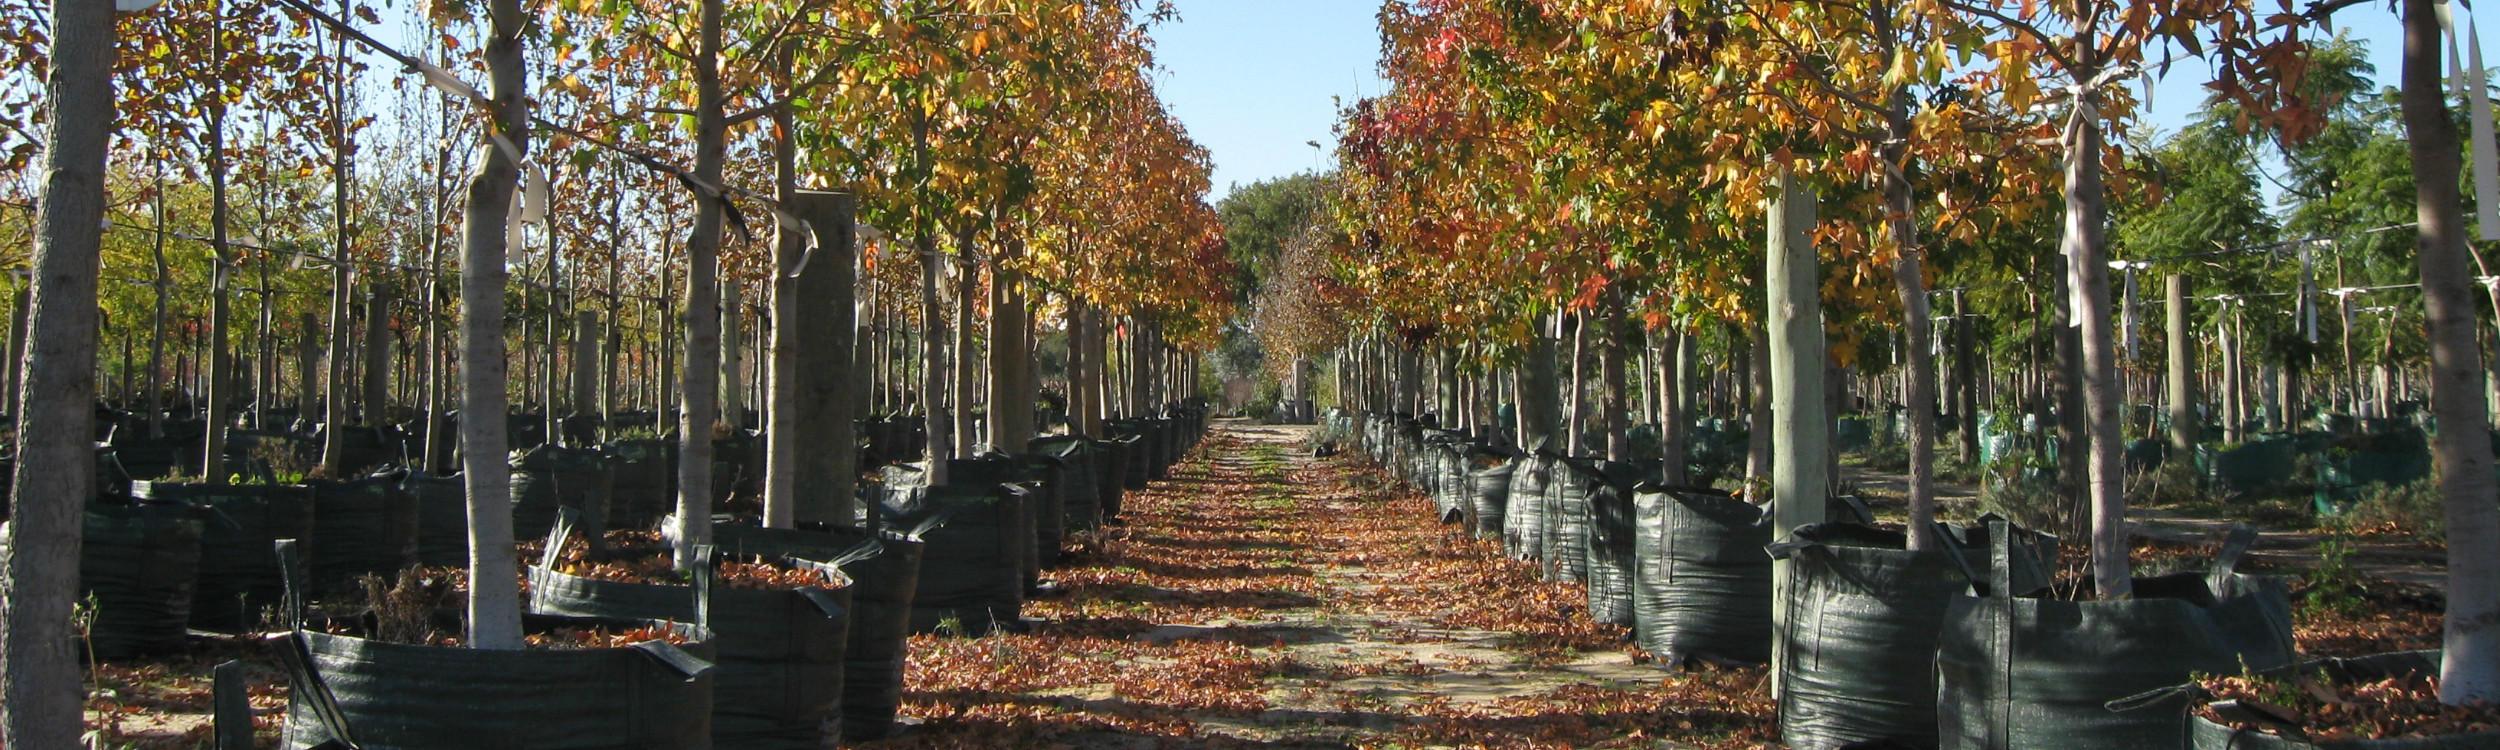 Arborwesttrees_12